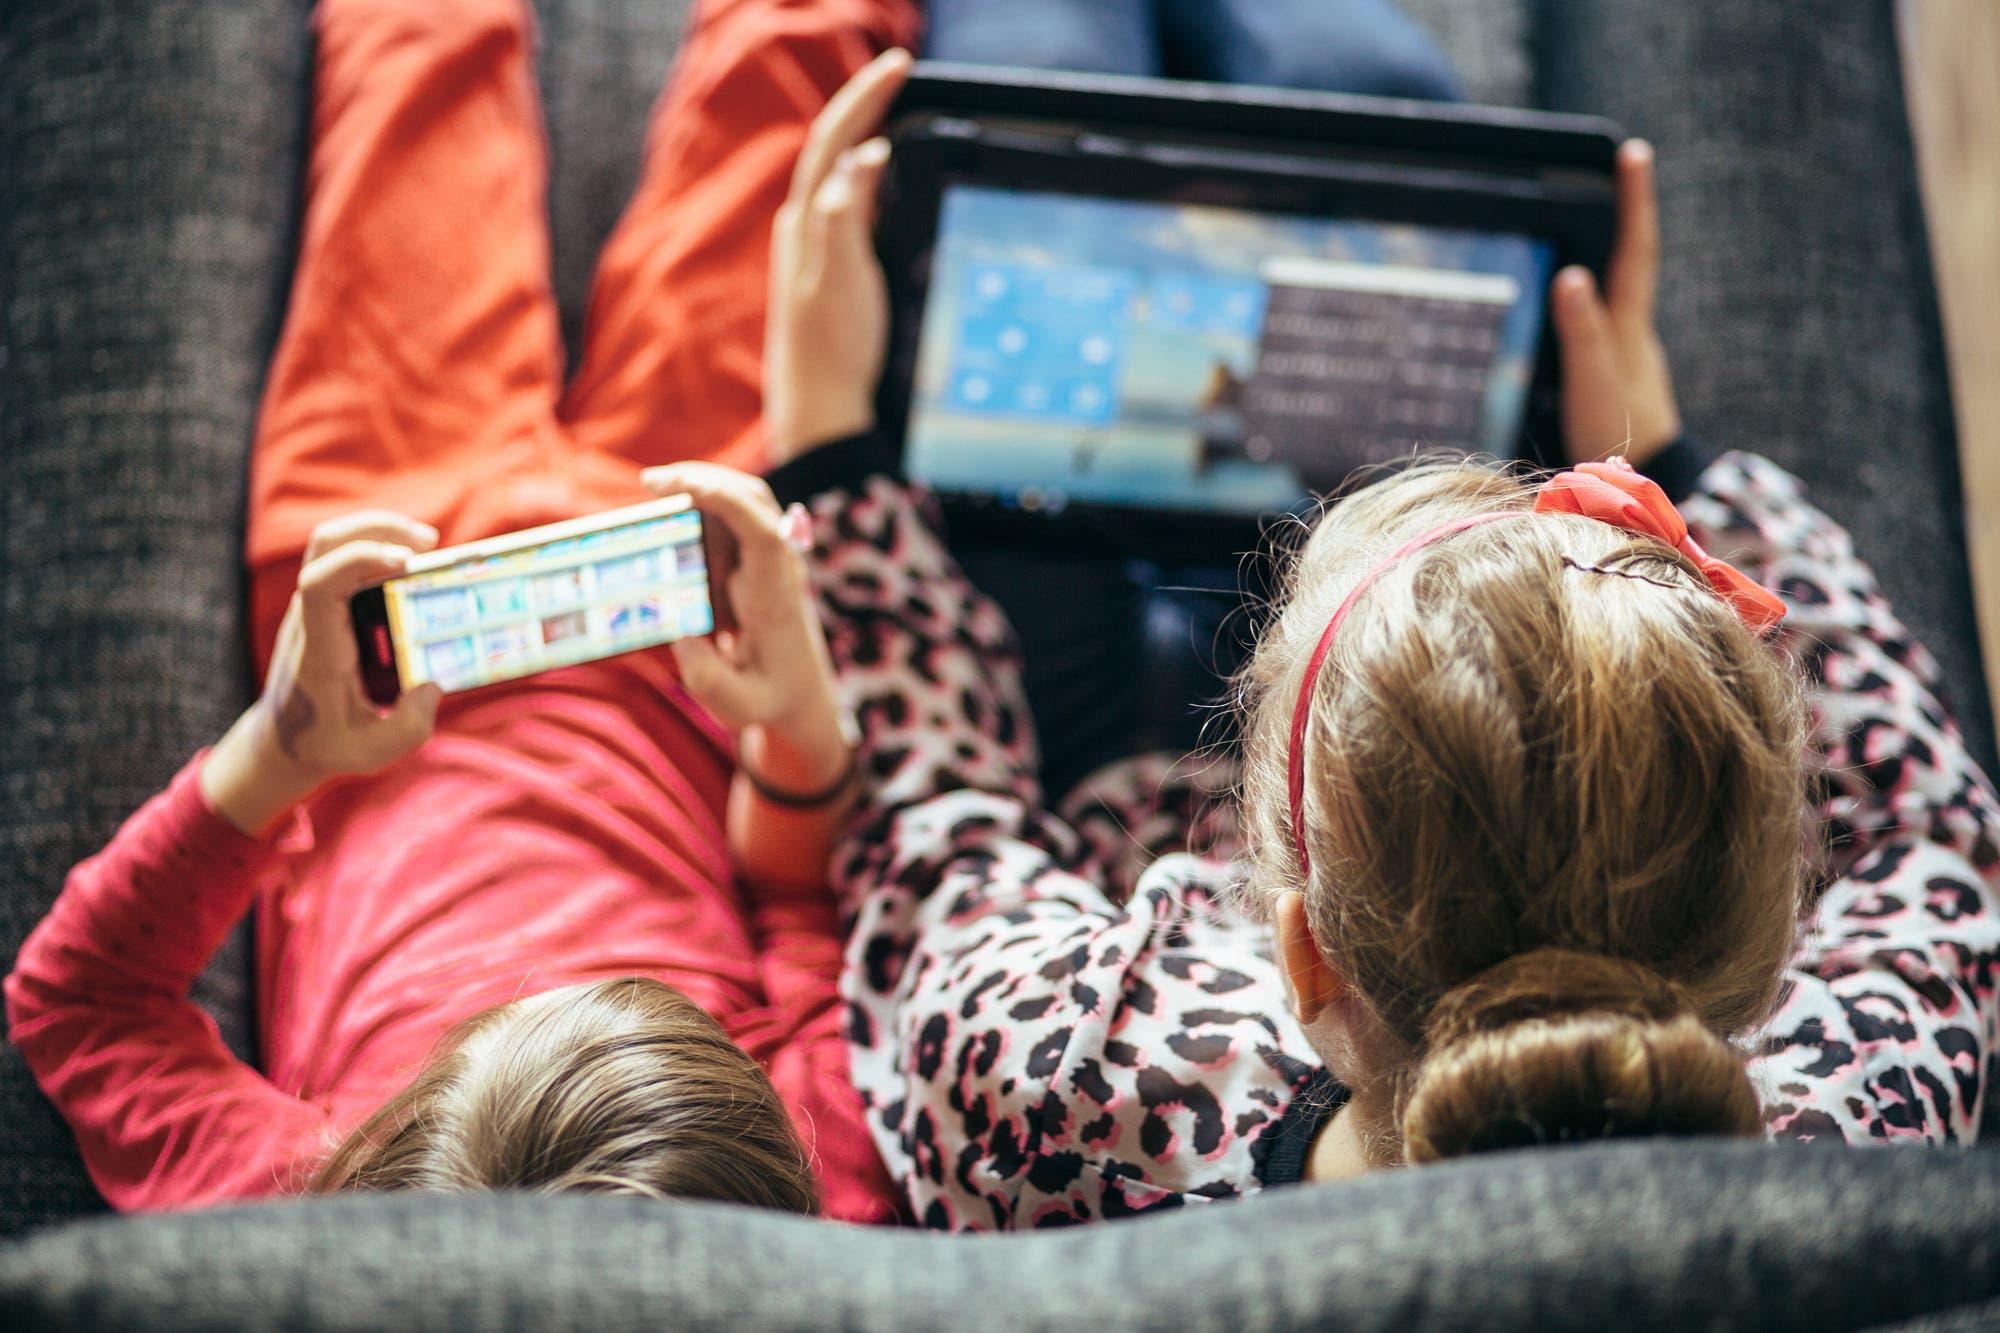 Recursos digitales para acompañar y cuidar a los chicos en el uso de la tecnología durante la cuarentena